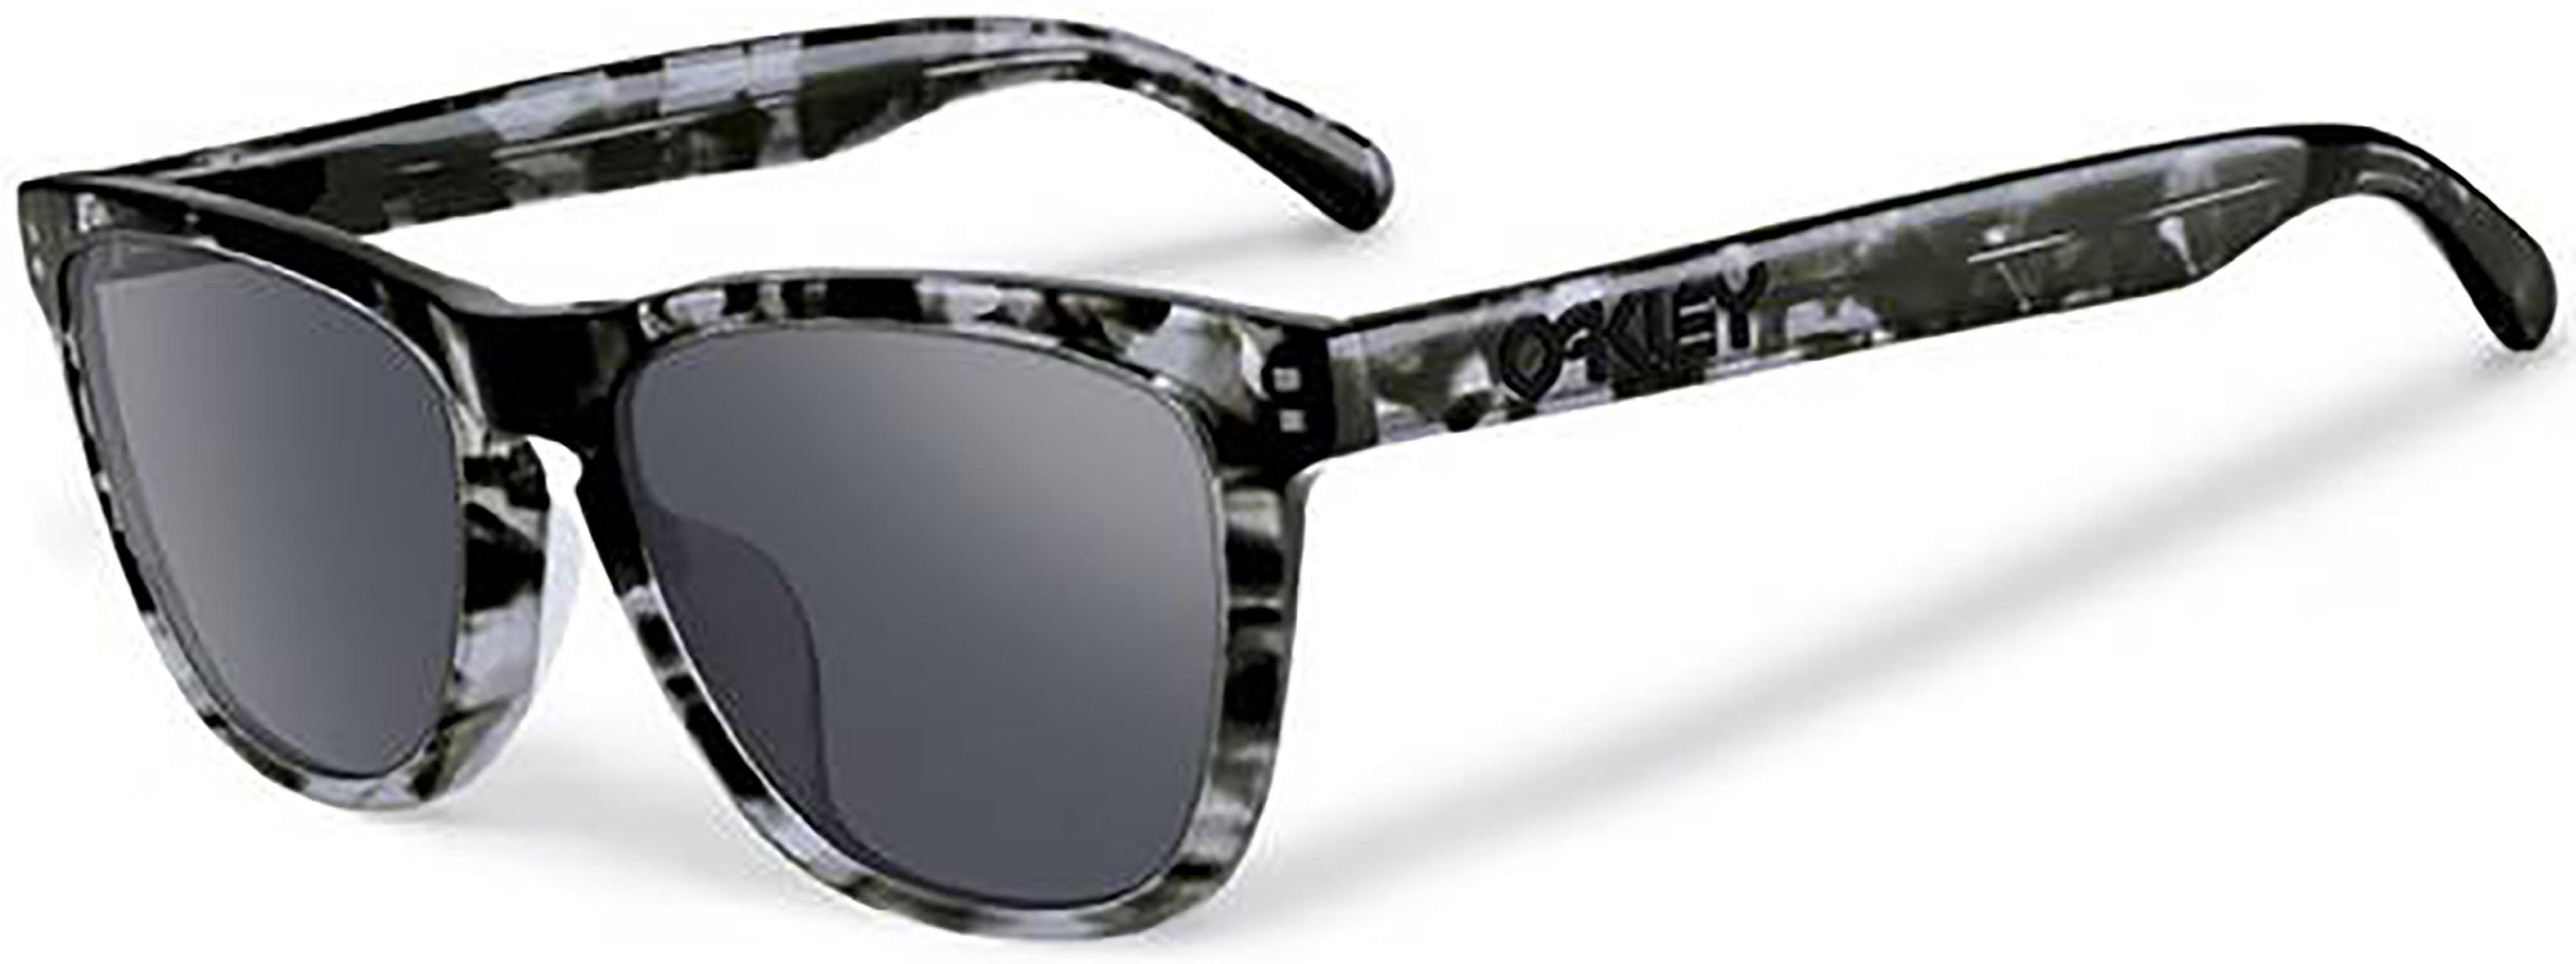 7805f68501f7a86 Oakley Sunglasses Uk